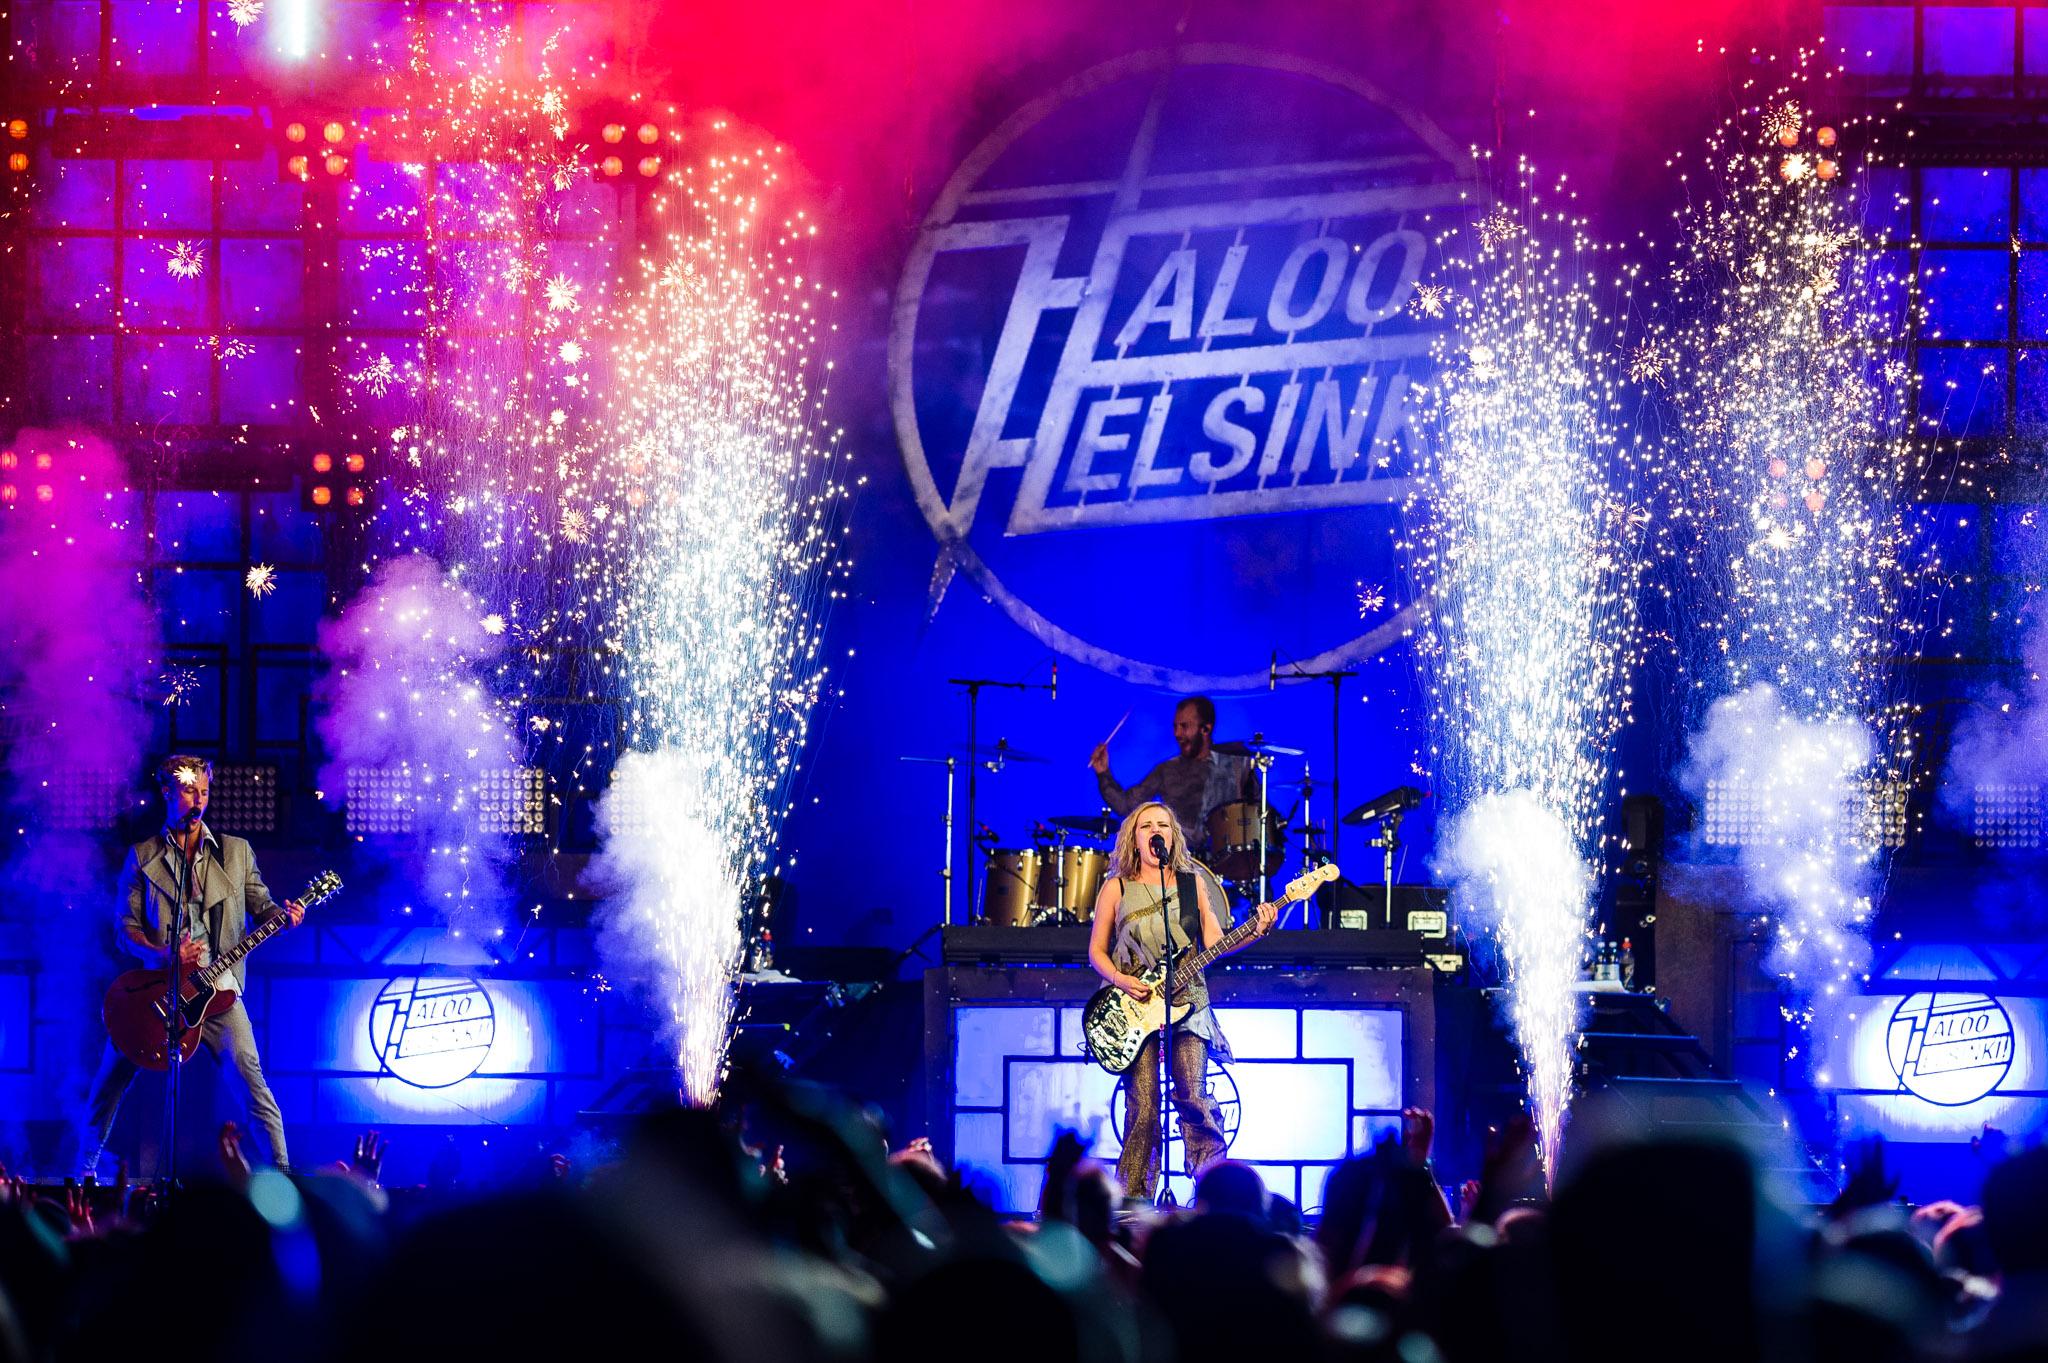 Haloo Helsinki kesäkiertueellaan Kuopiossa, Kuopio Rockcock 2017.